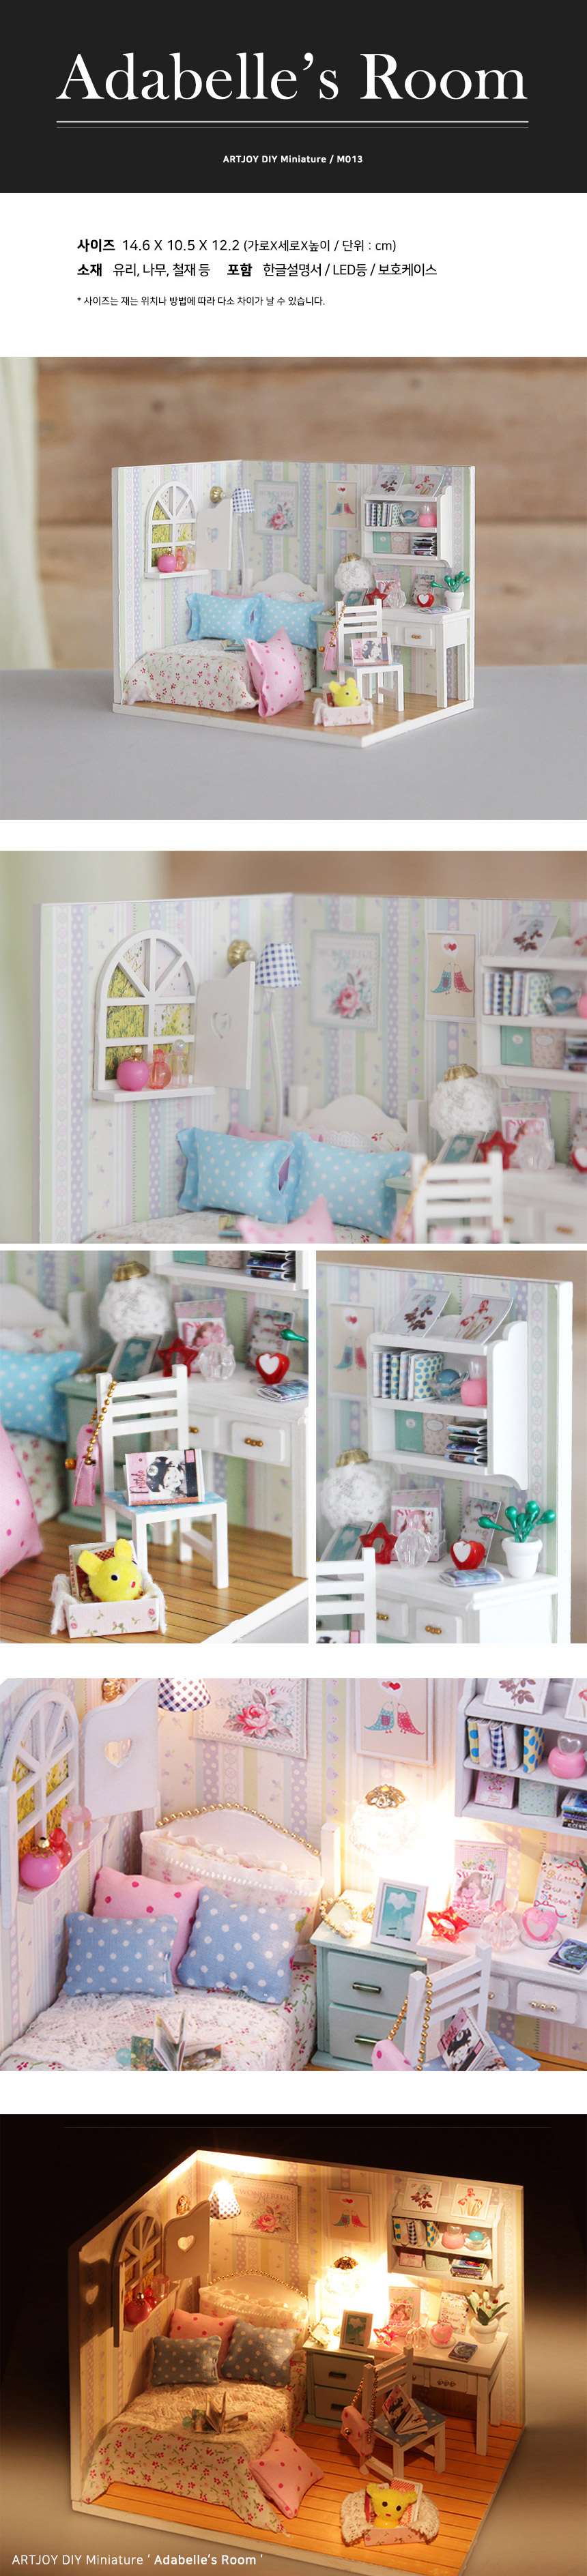 아트조이 DIY 미니어처하우스 Adabelles Room - 아트조이, 13,100원, 미니어처 DIY, 미니어처 만들기 패키지